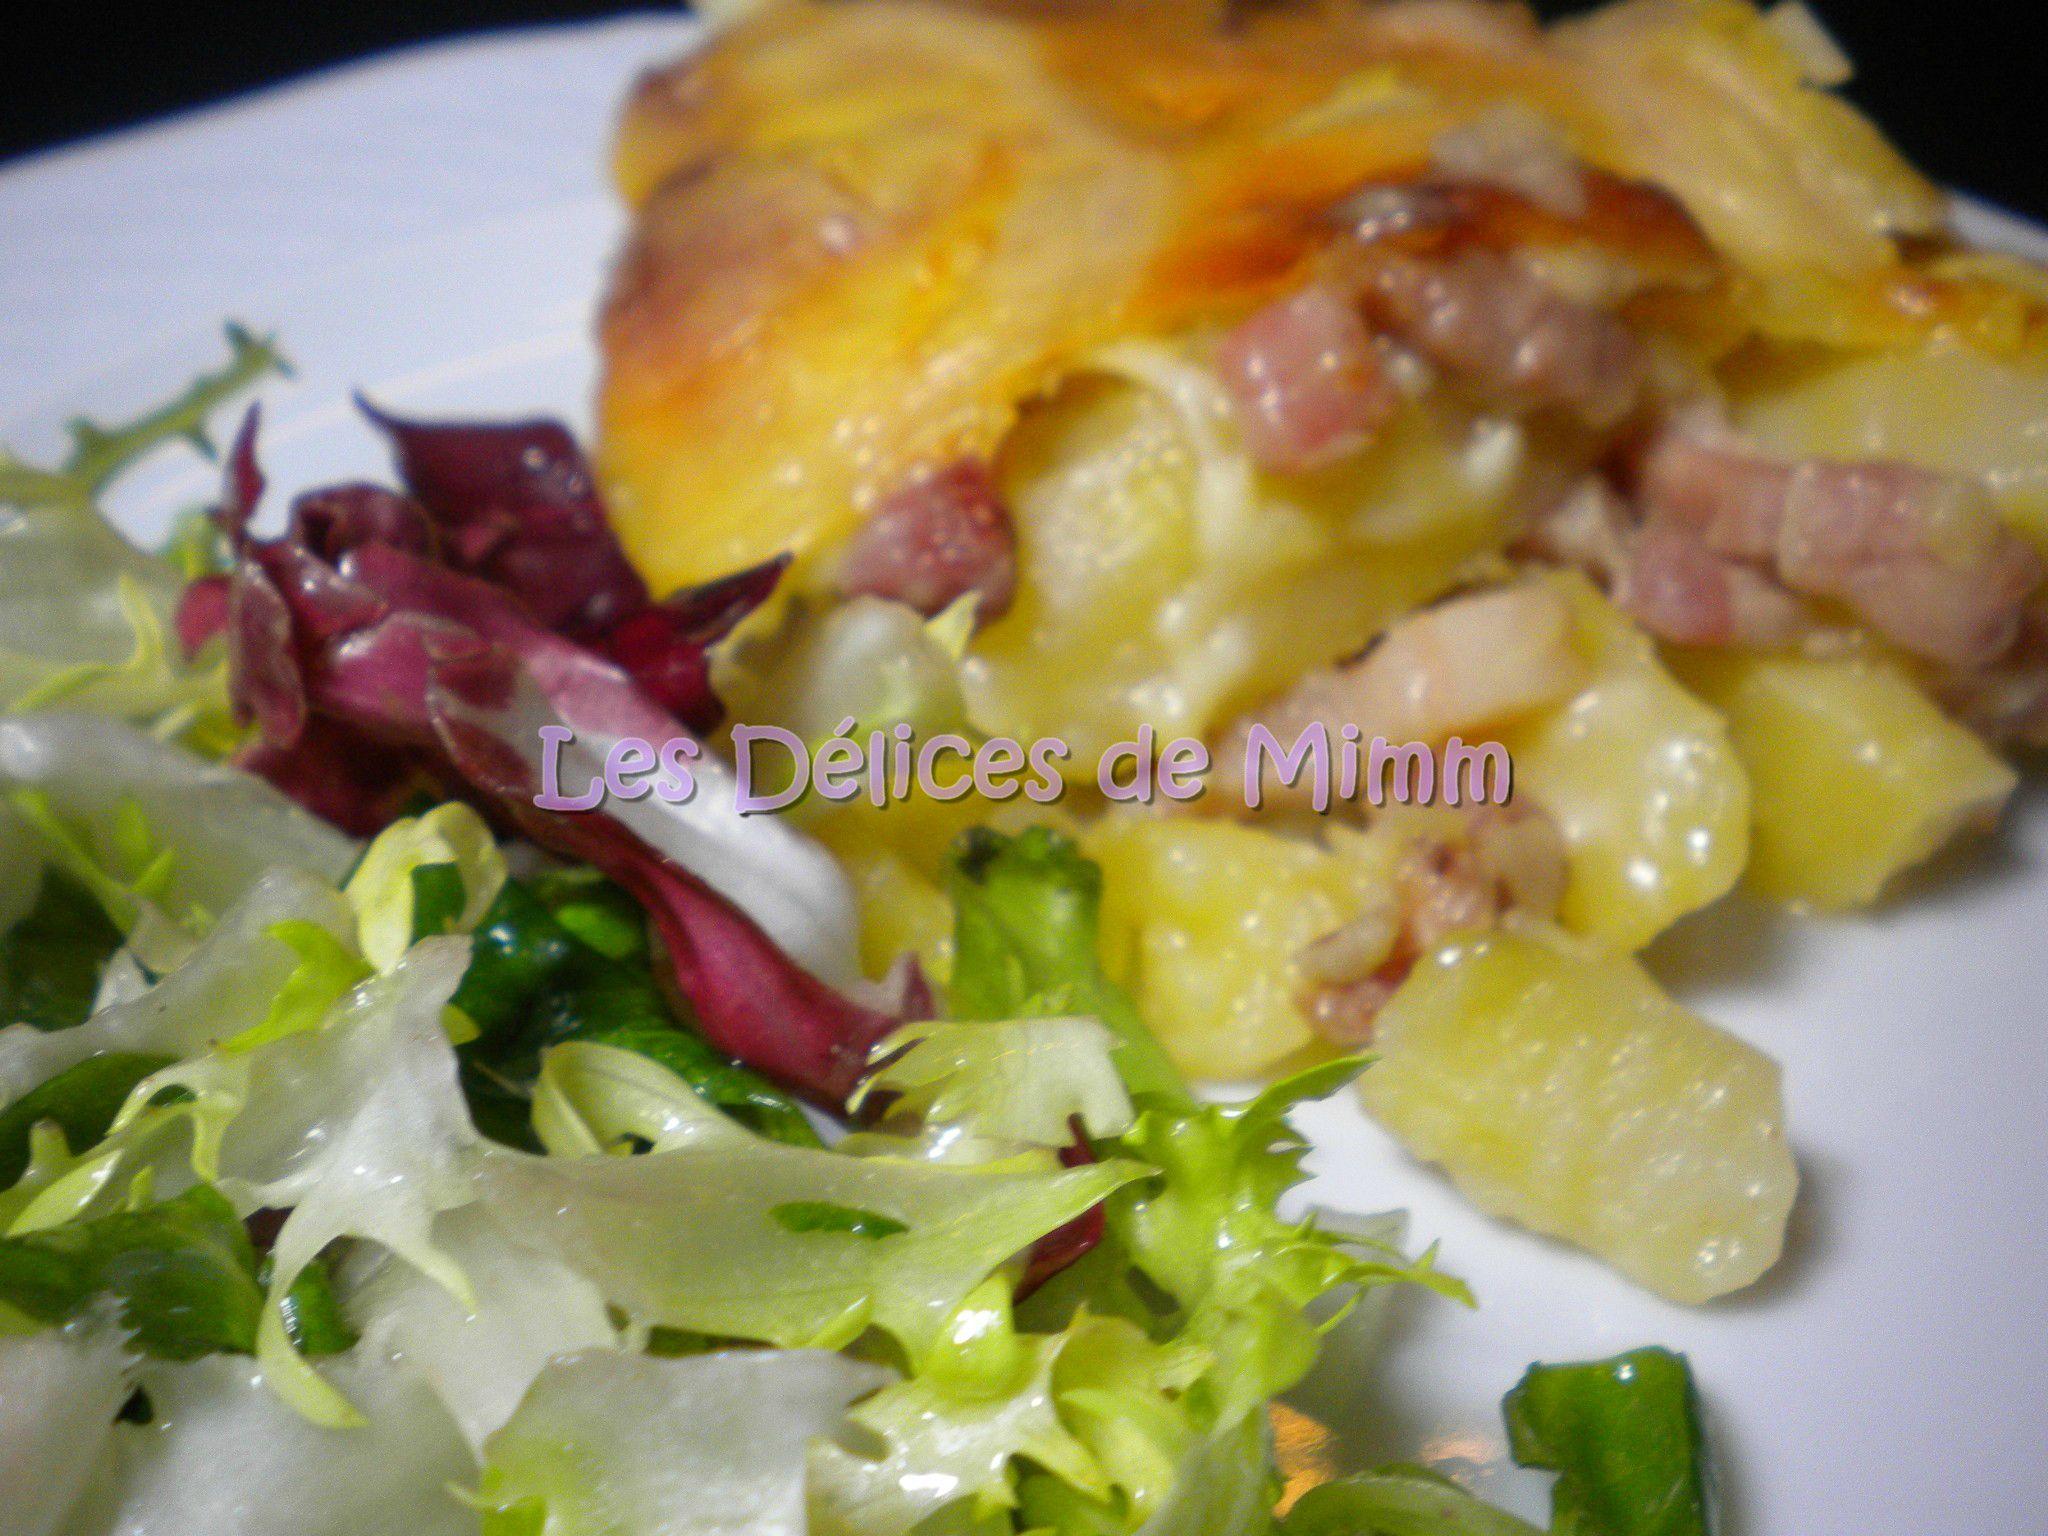 Tarticlette ou tartiflette au fromage raclette les - Quantite de fromage a raclette par personne ...